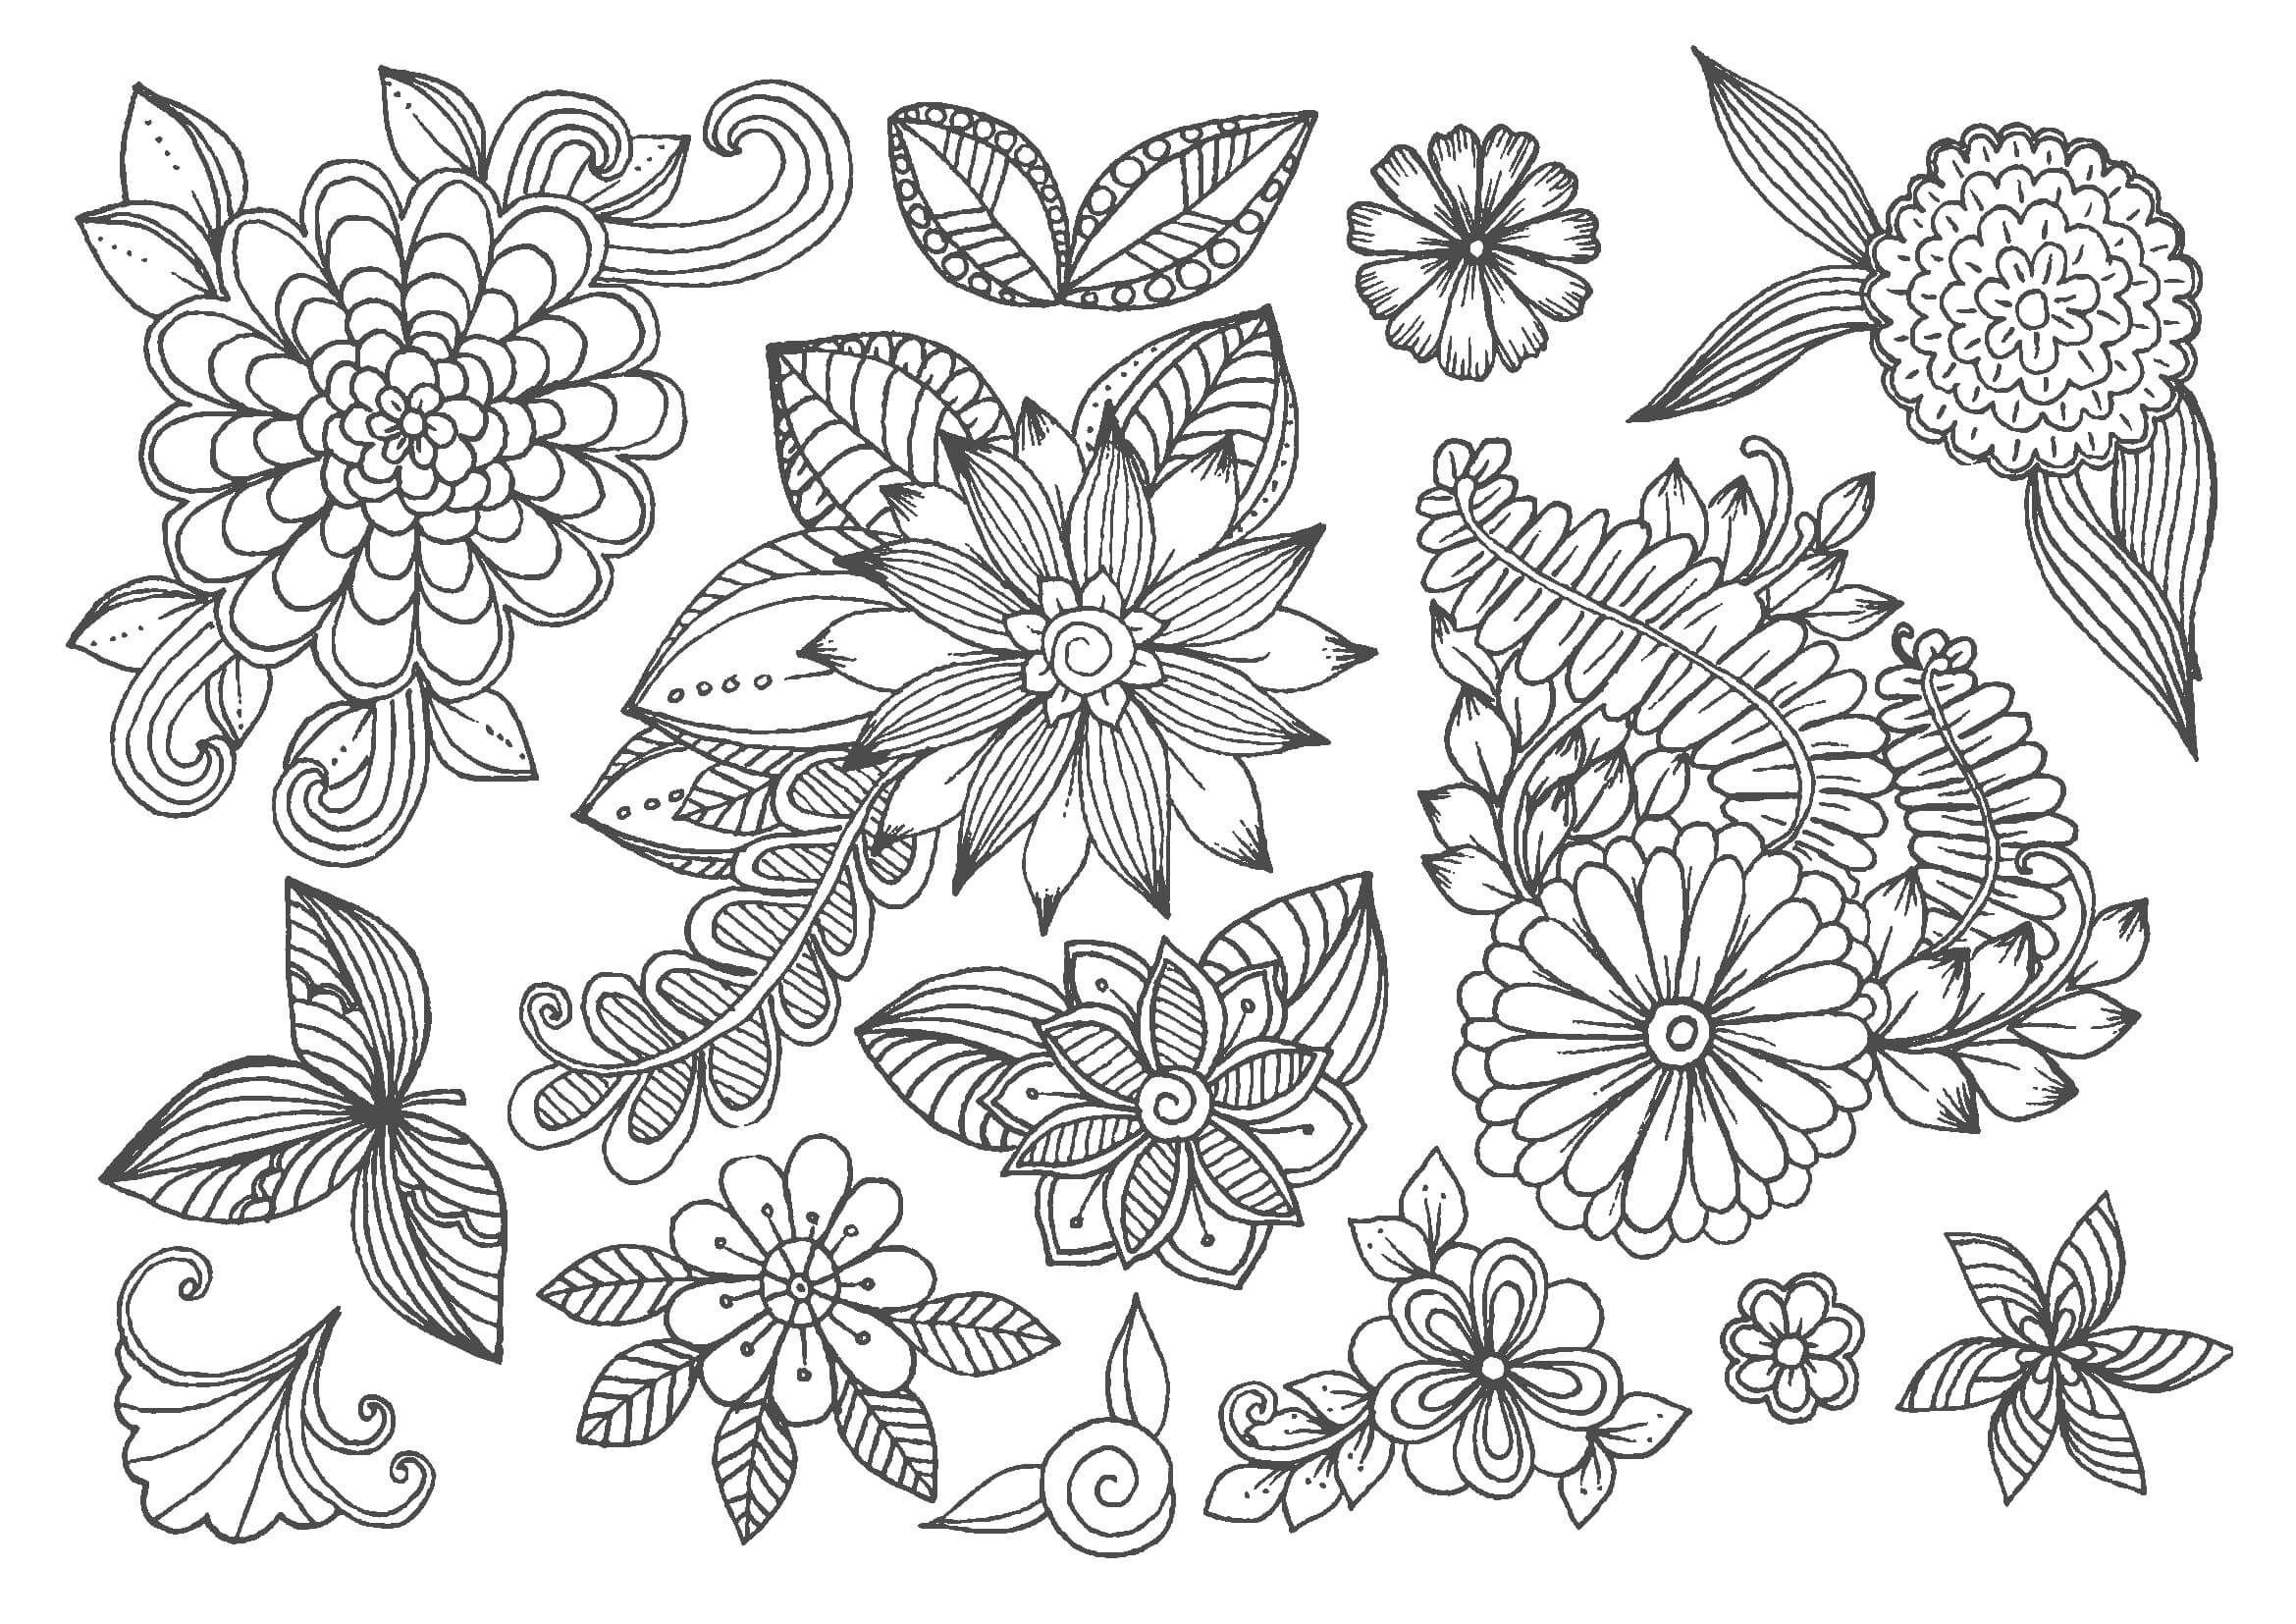 無料の大人の塗り絵今回のイラストは花です5枚追加しましたa4